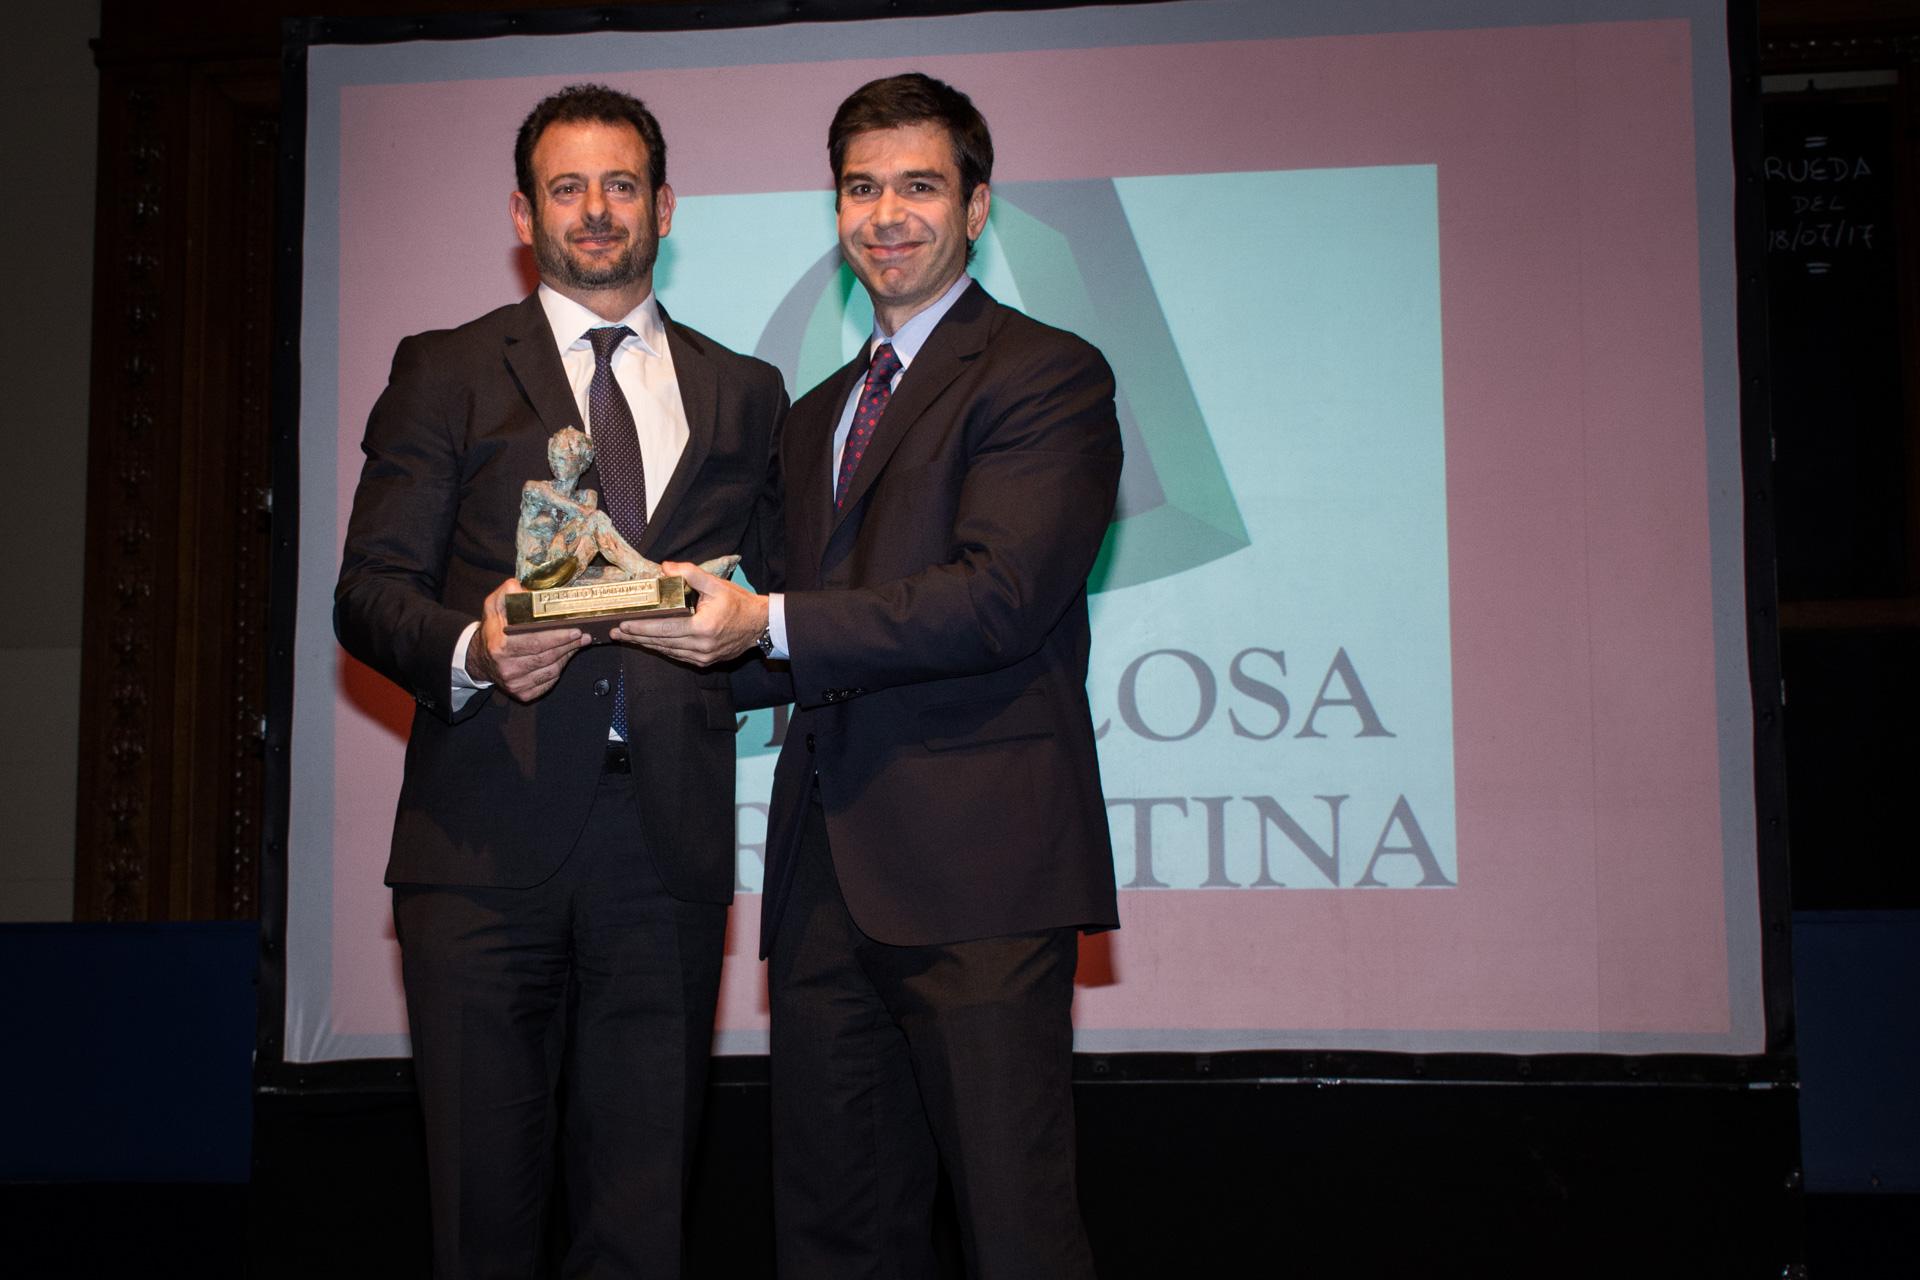 Celulosa se quedó con el premio a la Mejor Empresa Papelera. Lo recibió su director, José Urtubey, de manos del presidente de la Asociación de Entidades Periodísticas Argentinas, Daniel Dessein